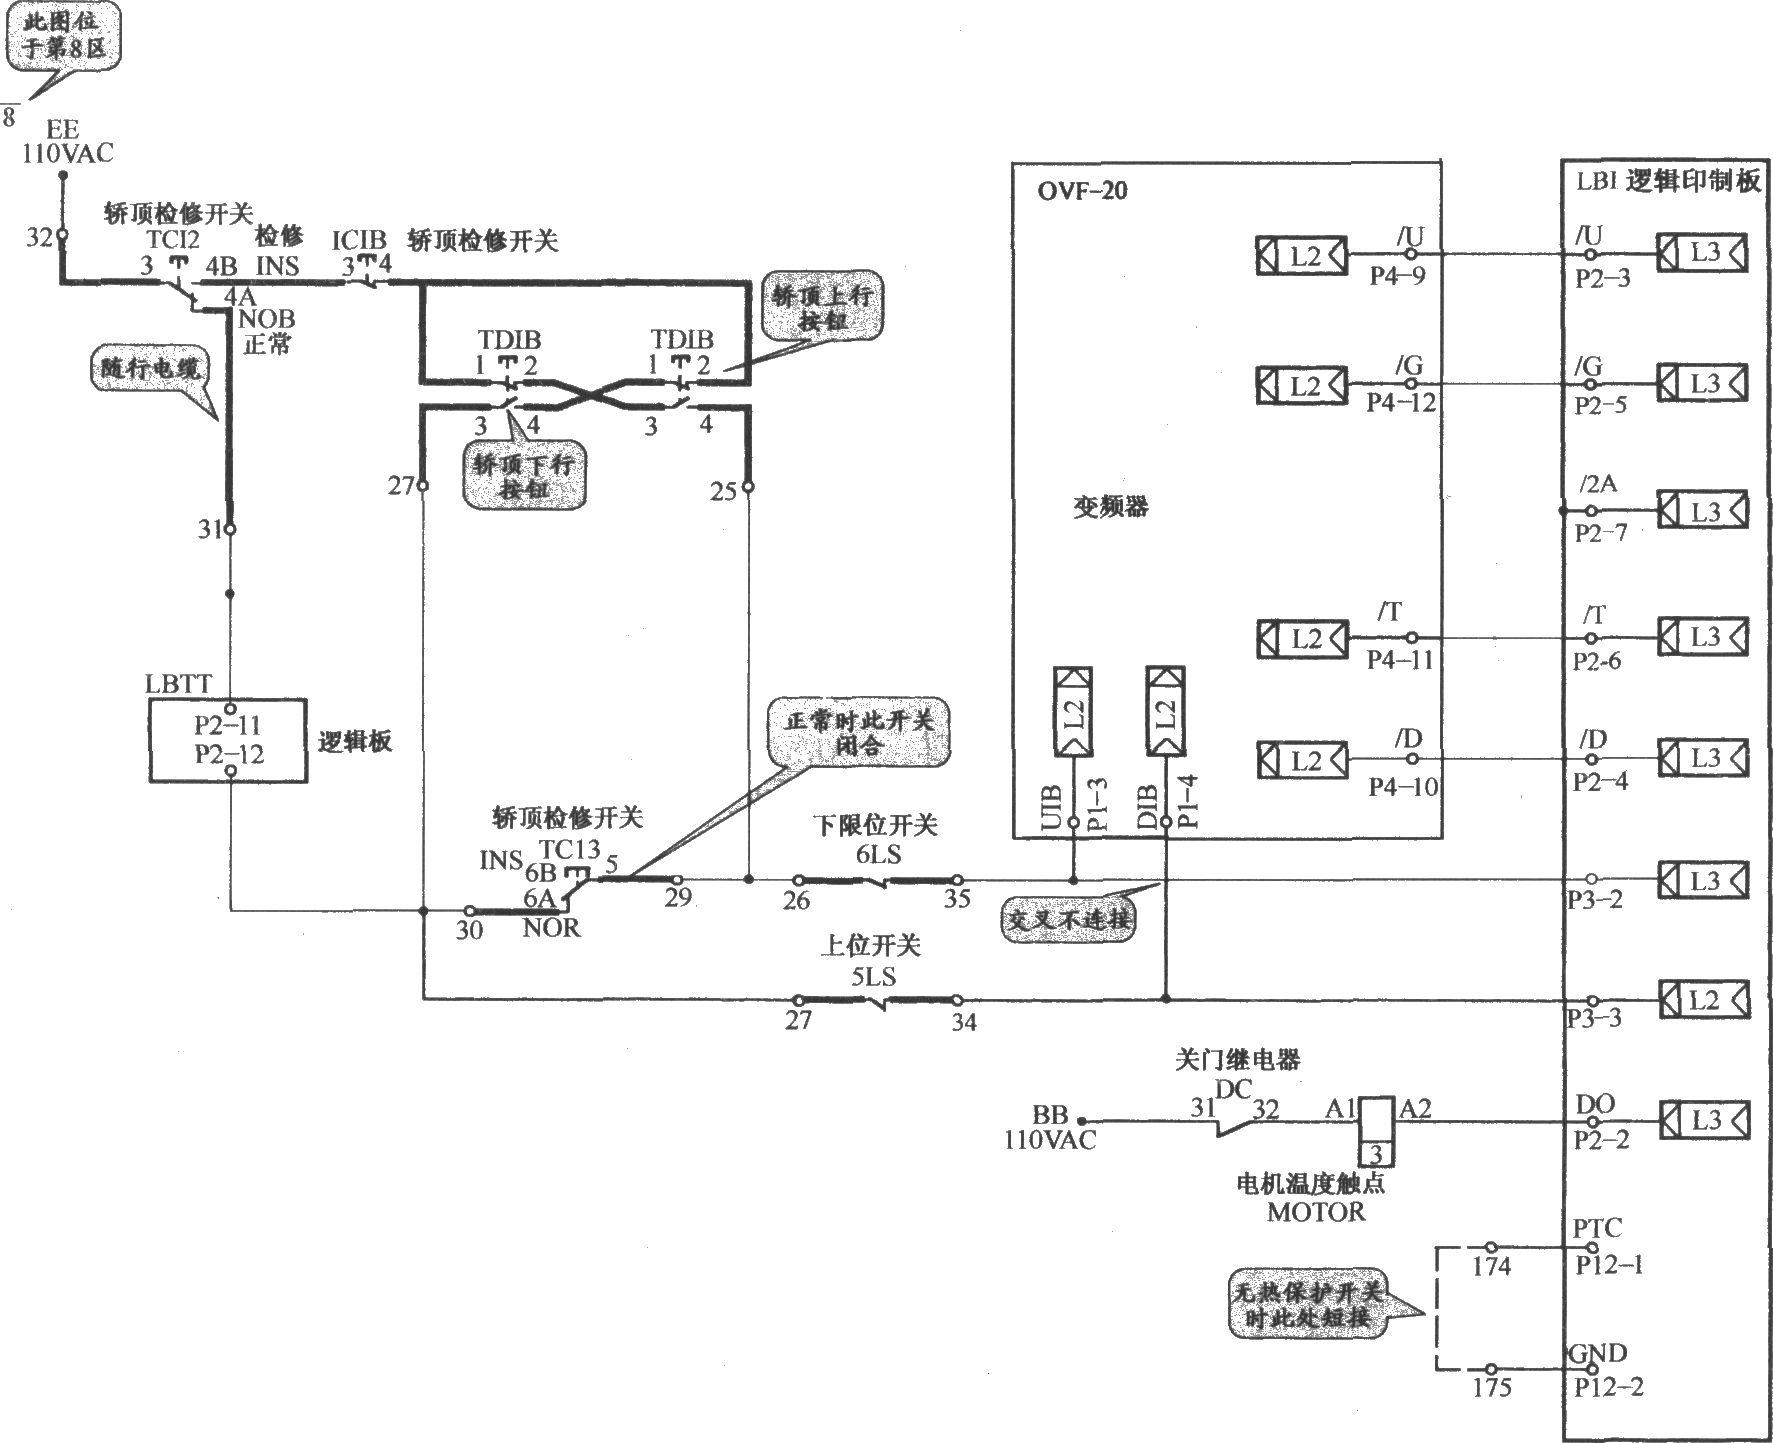 奥的斯toec-chvf电梯检修电路